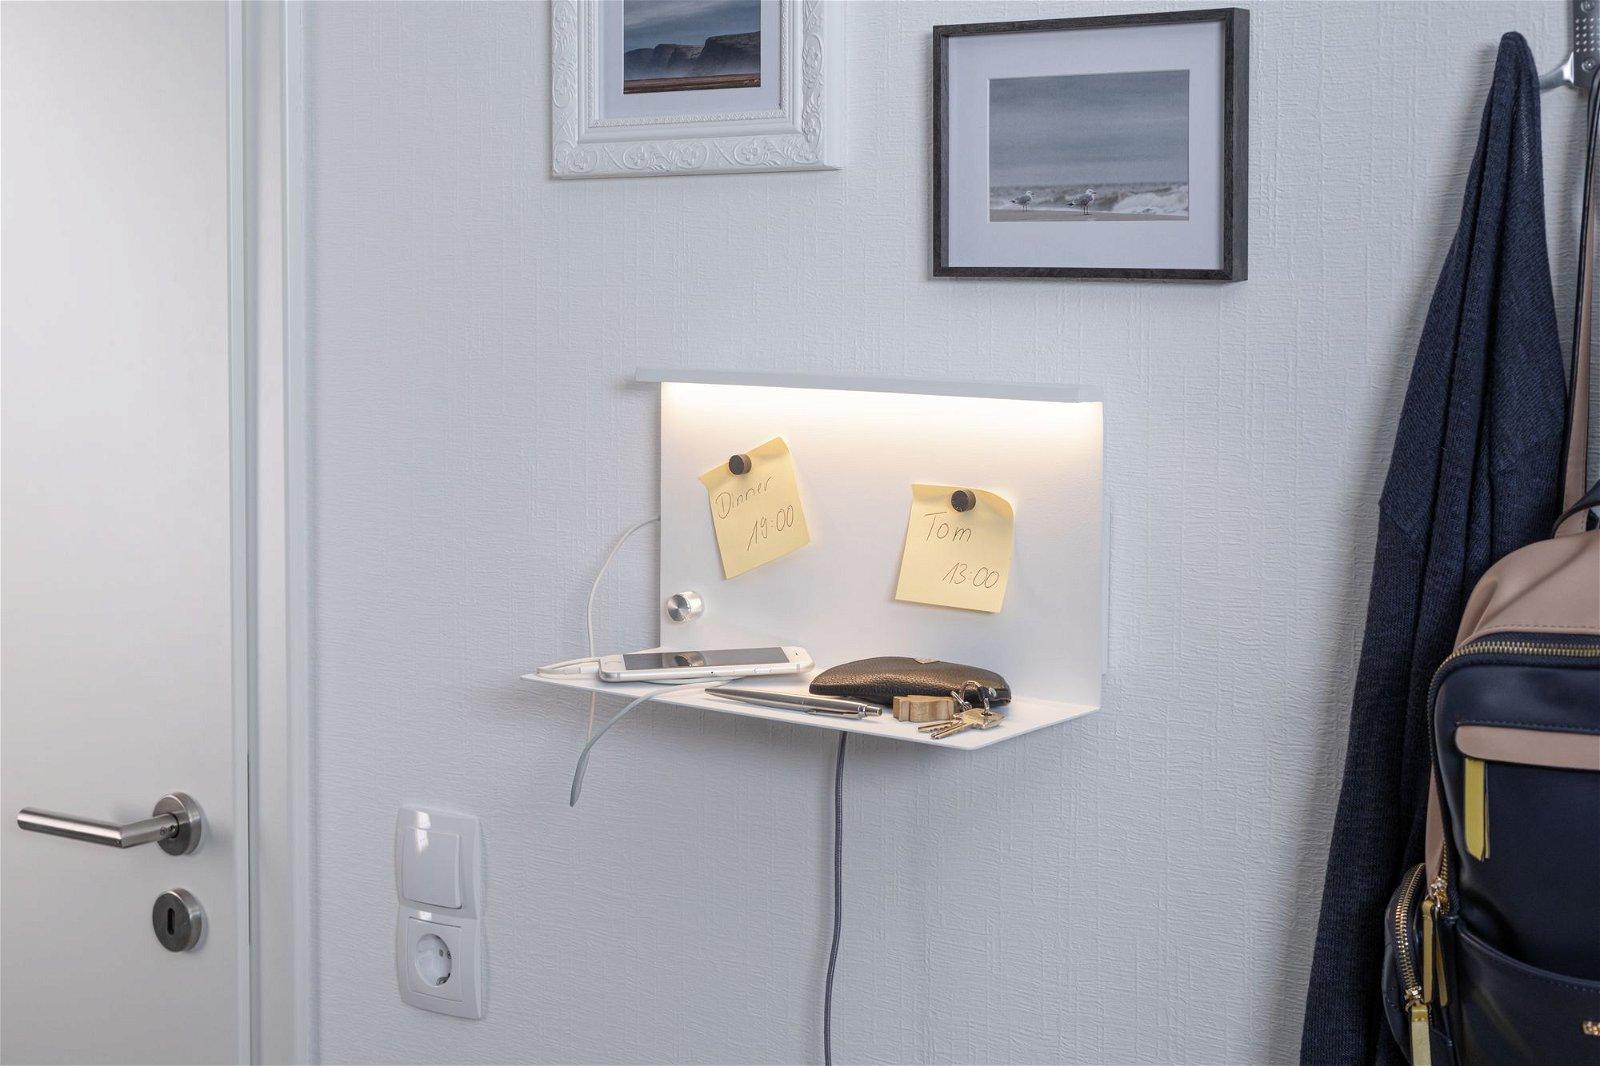 Applique LED Jarina 3000K 540lm 230V 4,5W Blanc